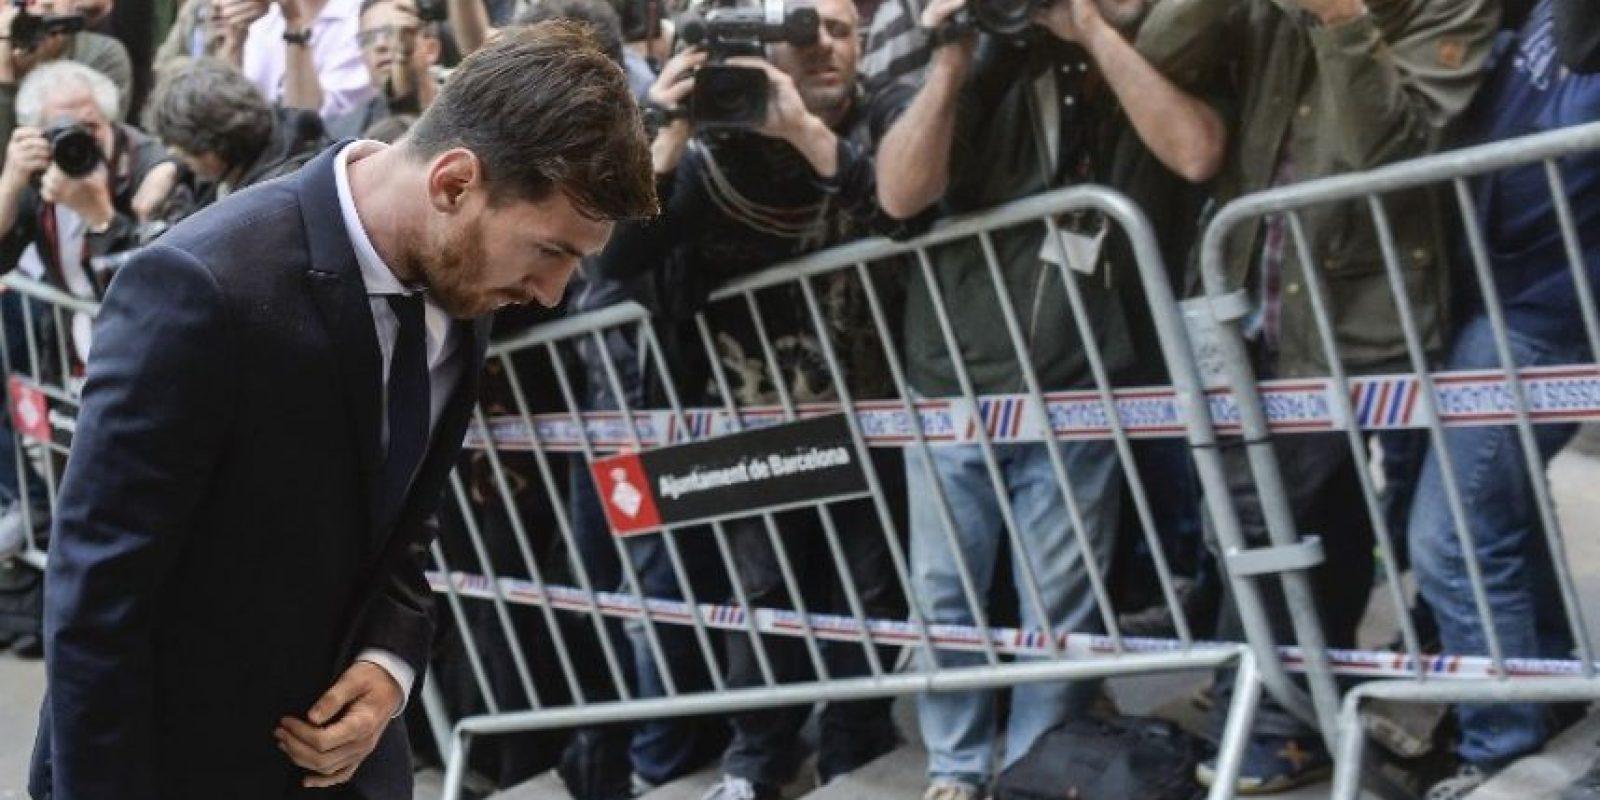 Los abogados defensores apelarán a la condena contra Lionel Messi y su padre Foto:AFP